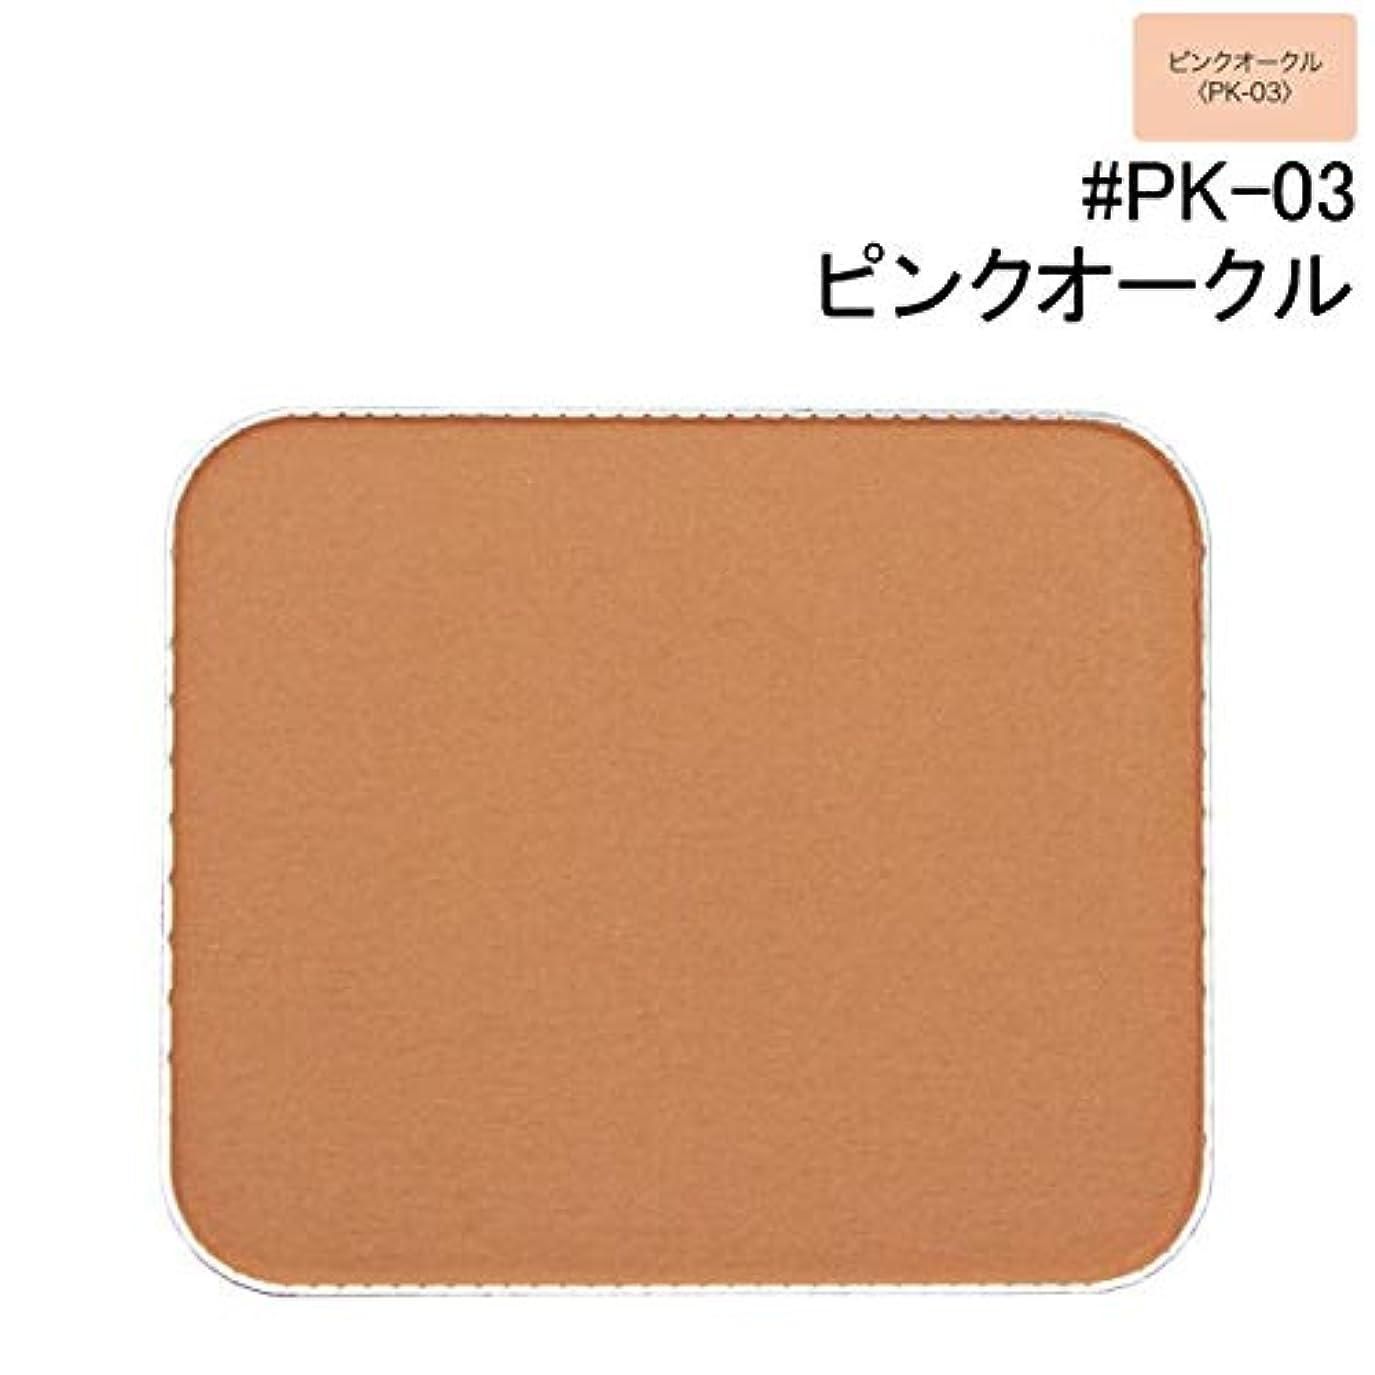 四分円ノミネートプロジェクターアスタリフト ライティングパーフェクション ロングキープパクトUV <パウダーファンデーション> レフィル ピンクオークル<PK-03>